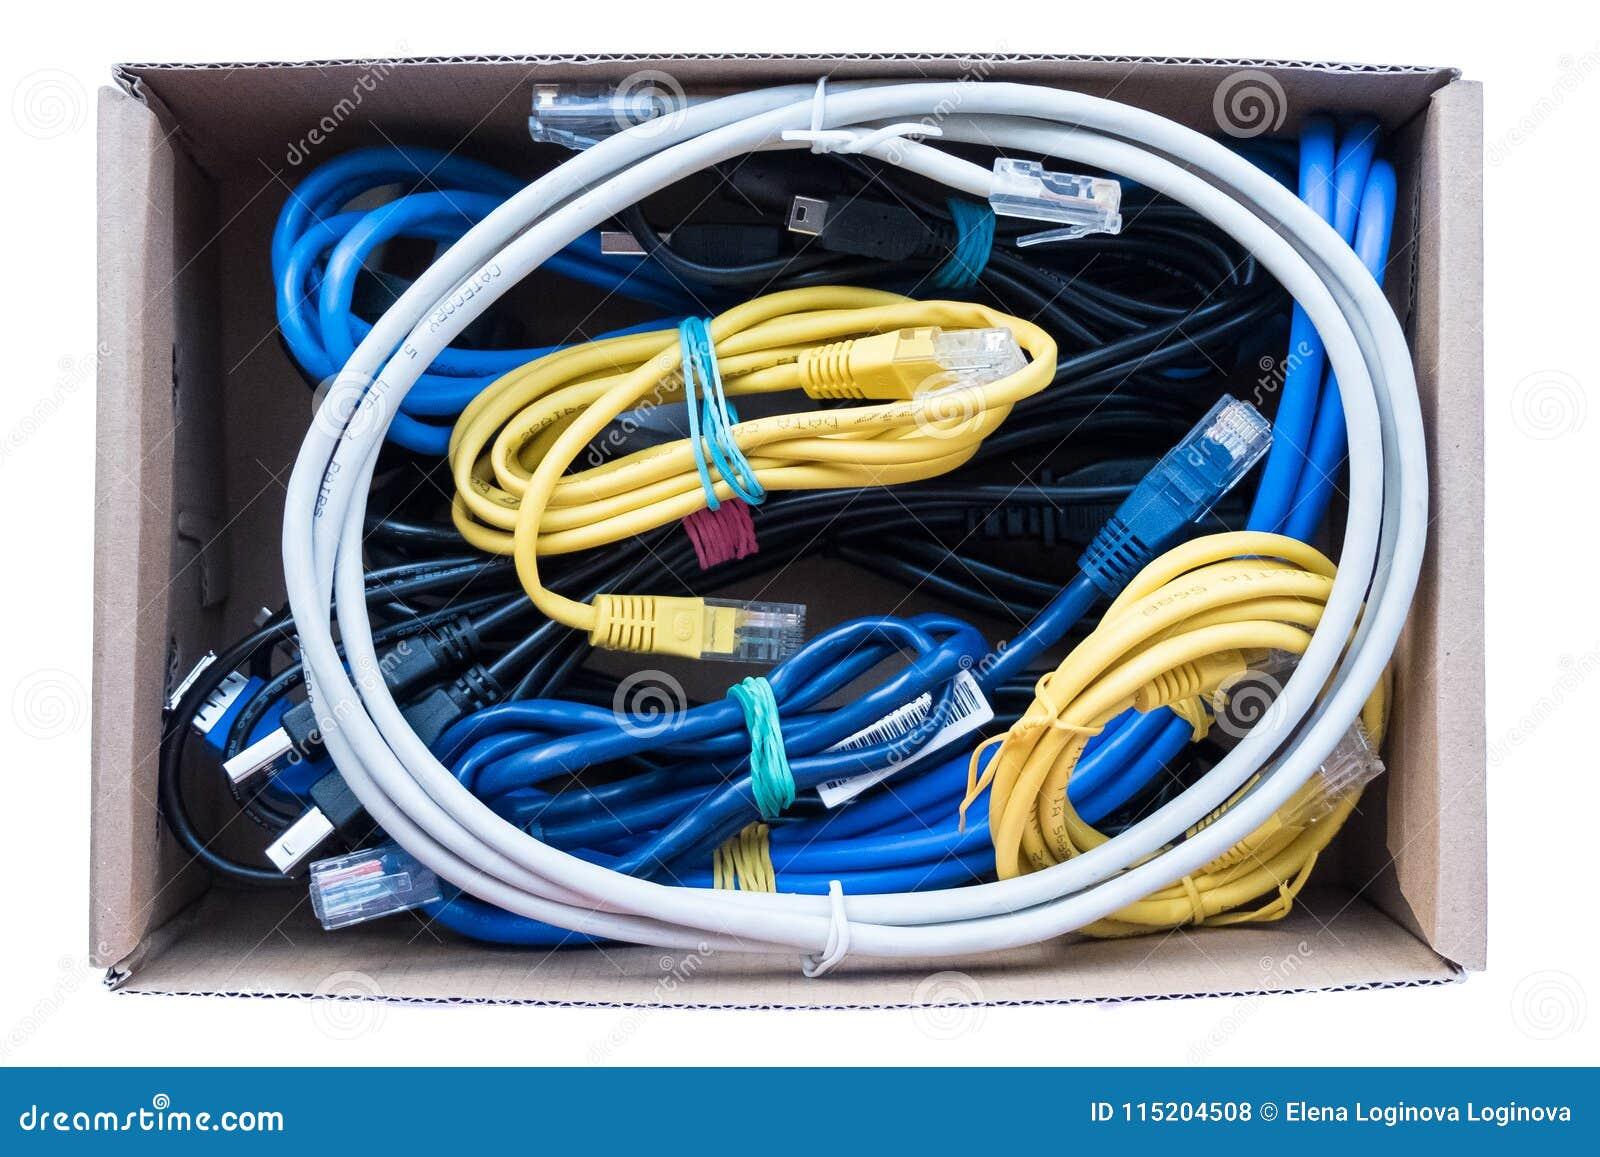 Des fils, les cordes et les câbles sont fixés dans une boîte